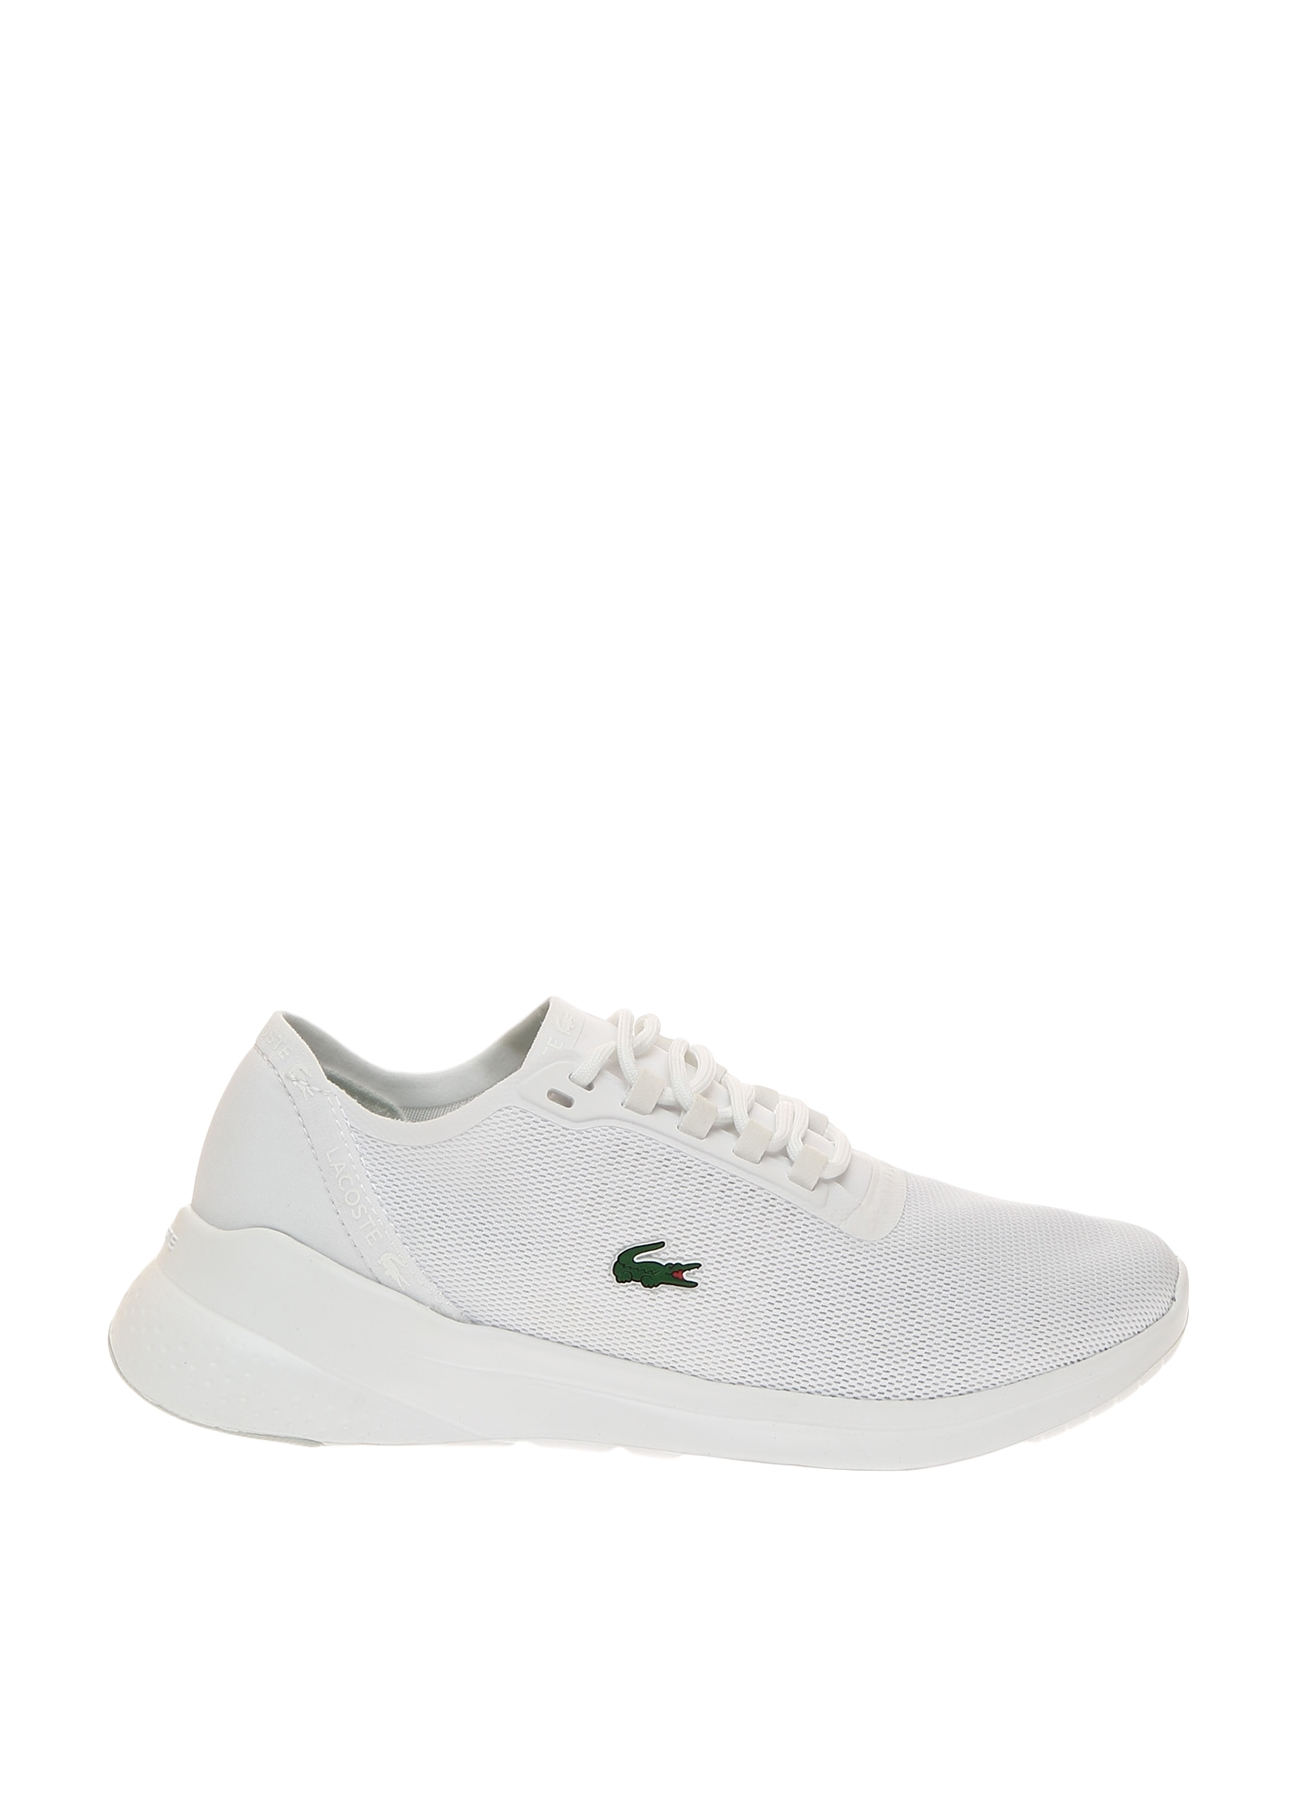 Lacoste Düz Ayakkabı 38 5000203477003 Ürün Resmi